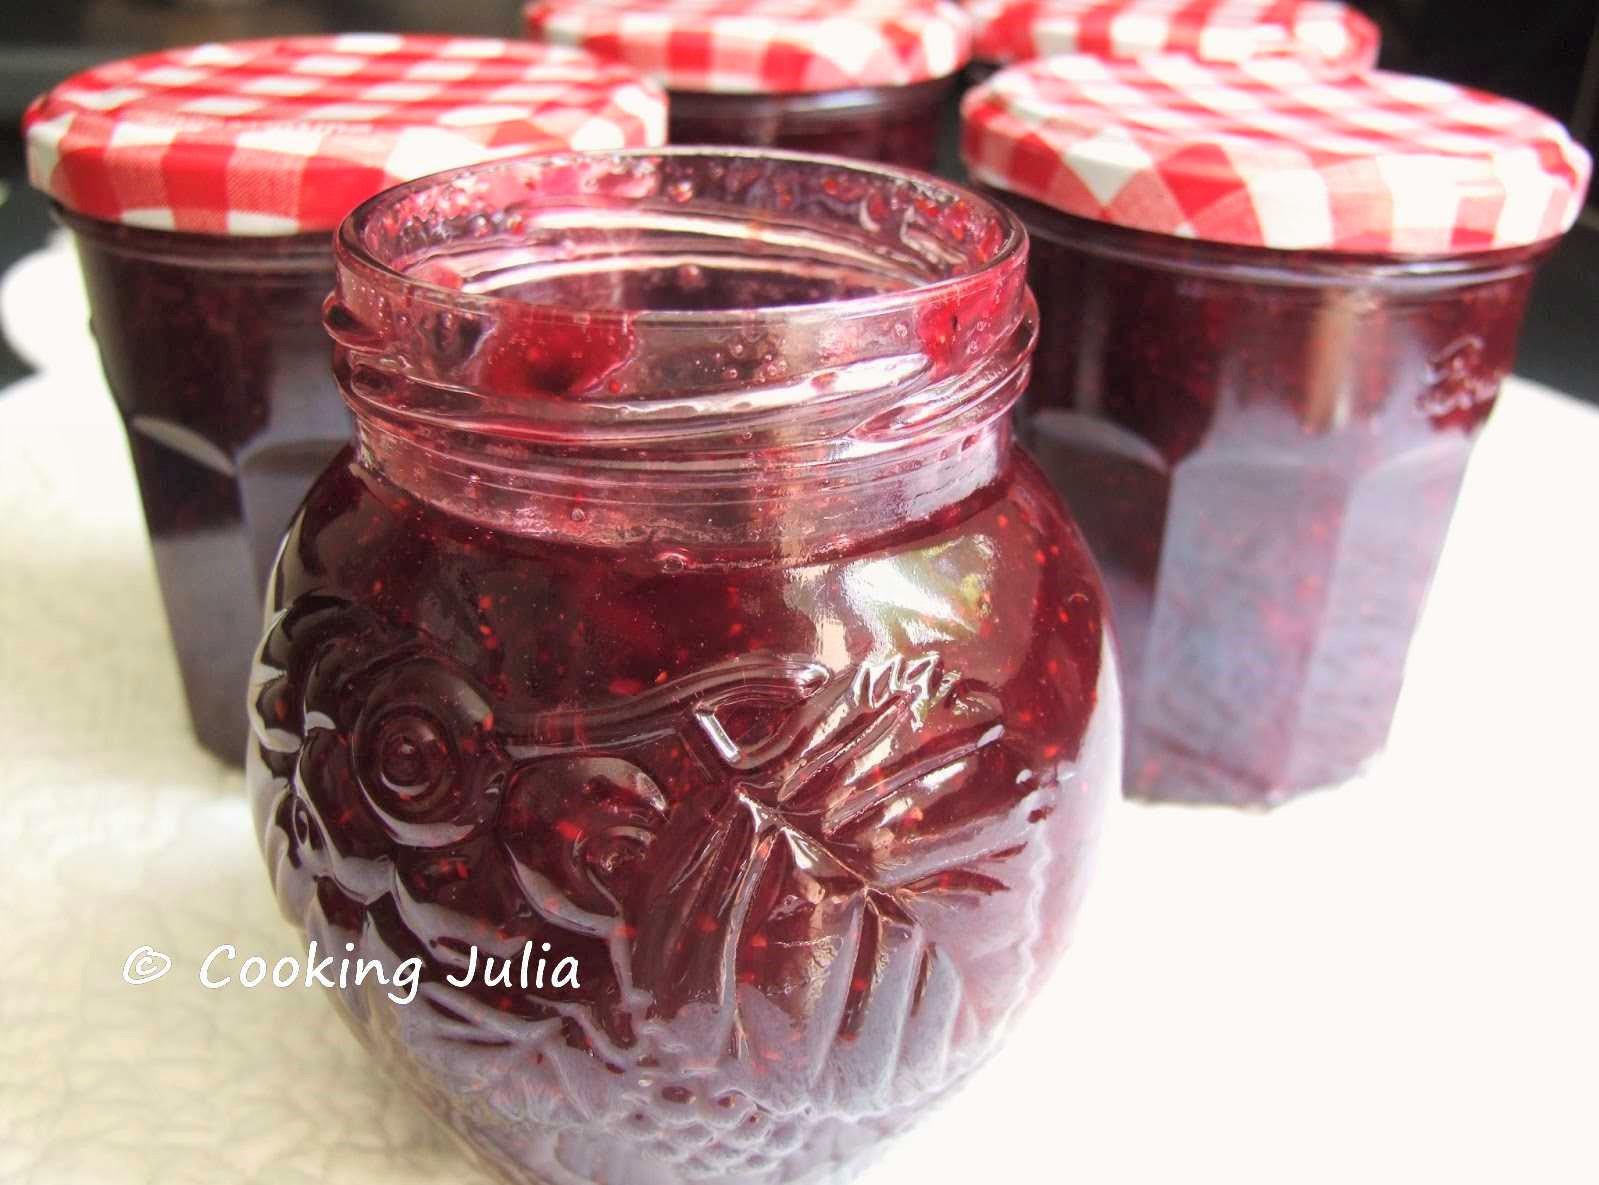 confiture de fraise cooking julia